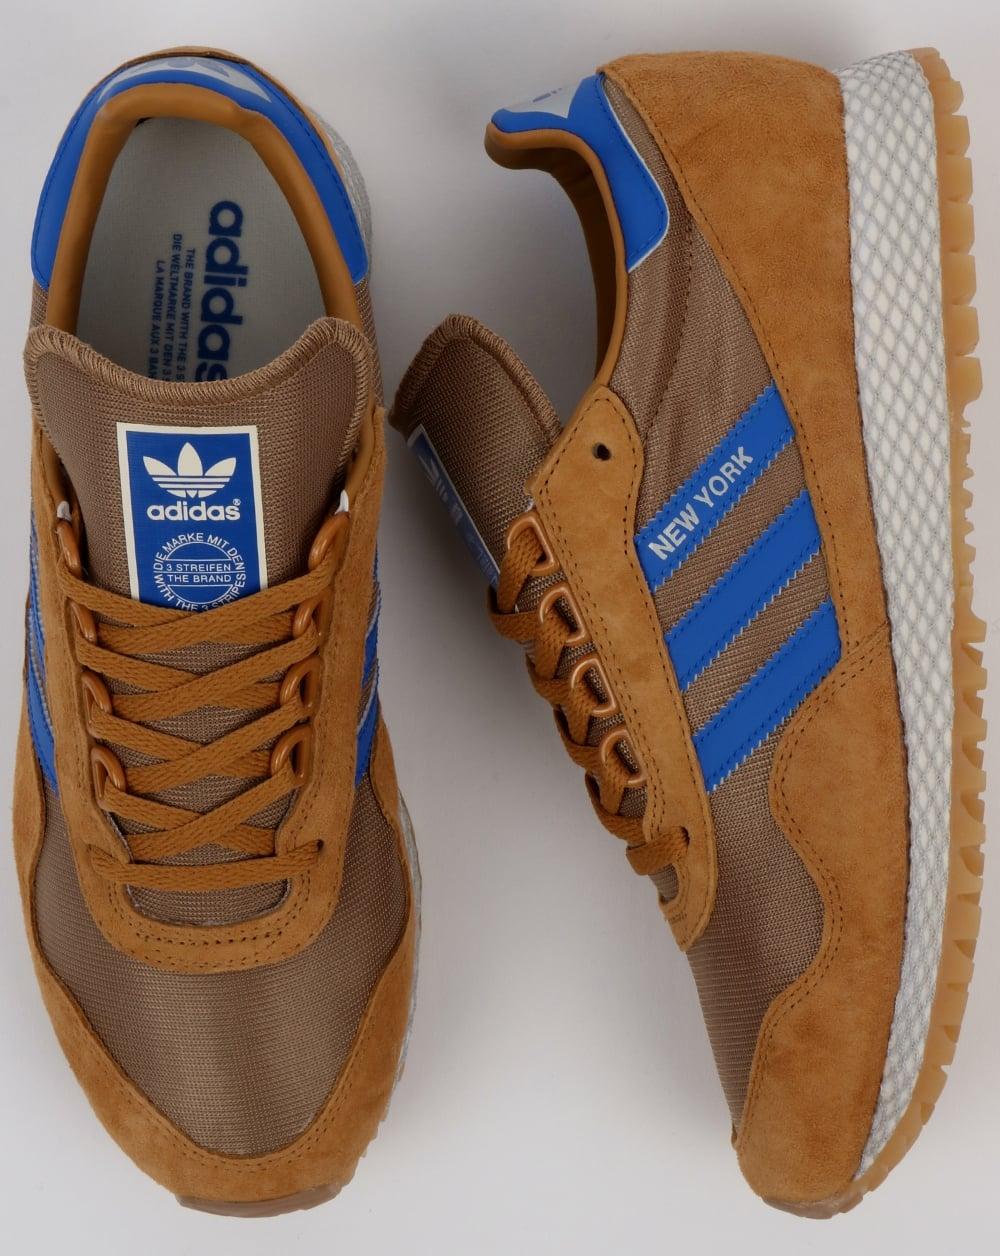 Adidas New York Trainers Mesa Tan Blue Og Shoes Original